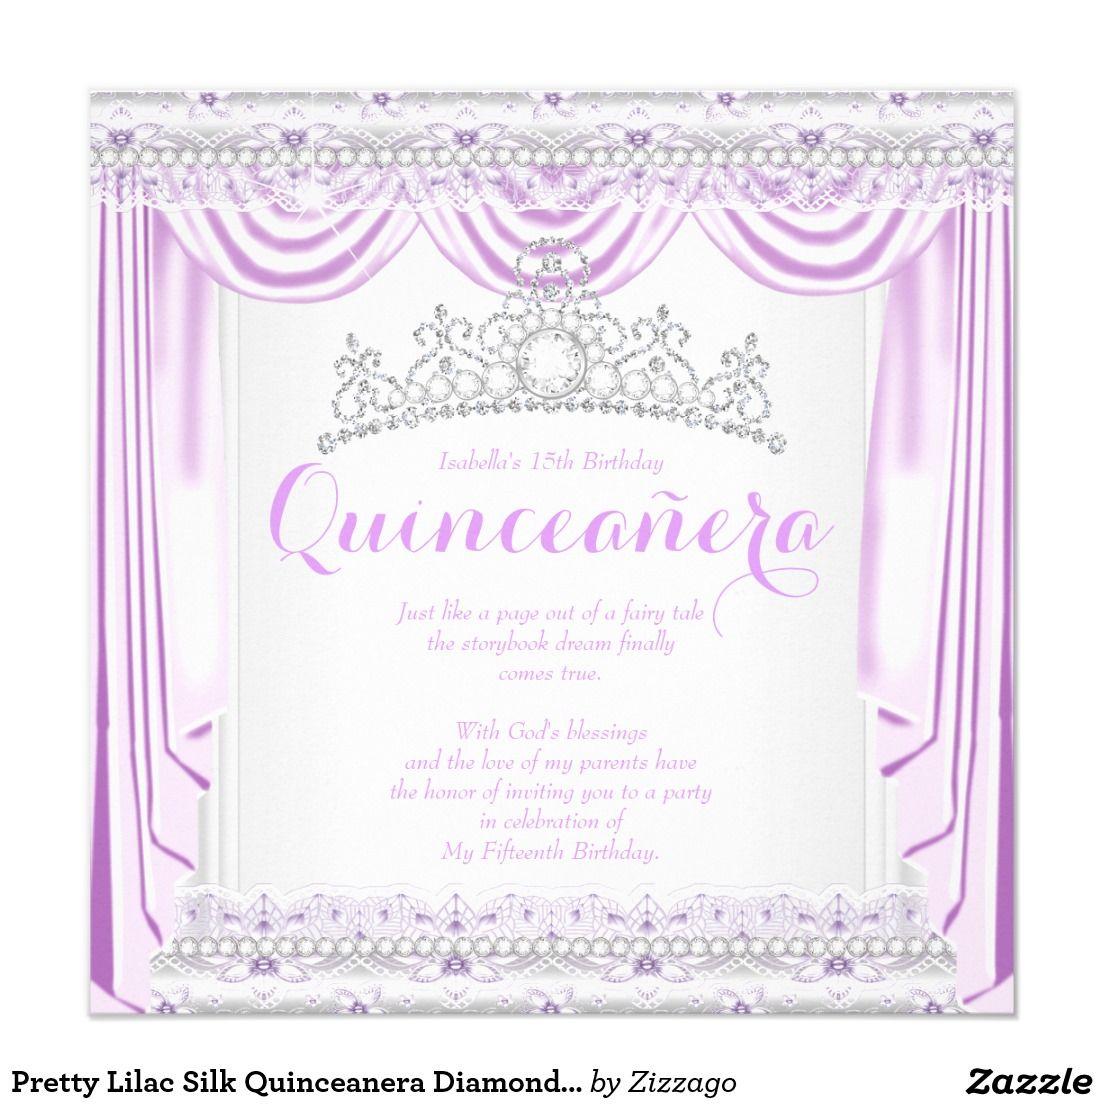 Pretty Lilac Silk Quinceanera Diamond Tiara White 5.25x5.25 Square ...